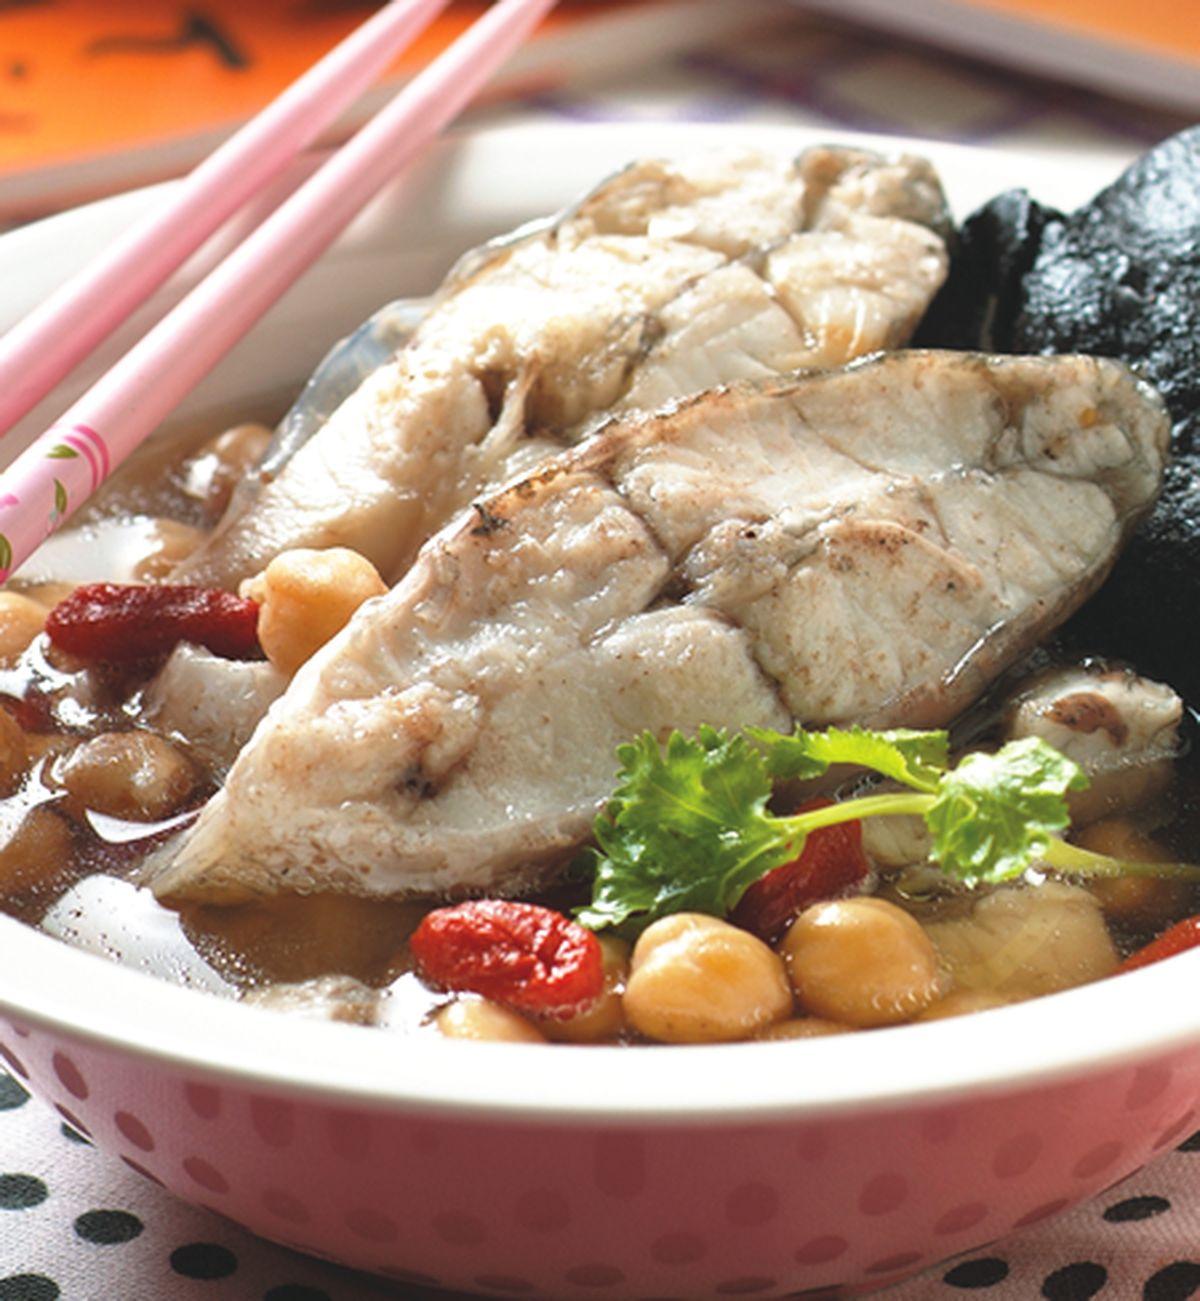 食譜:杜仲蒸鮮魚